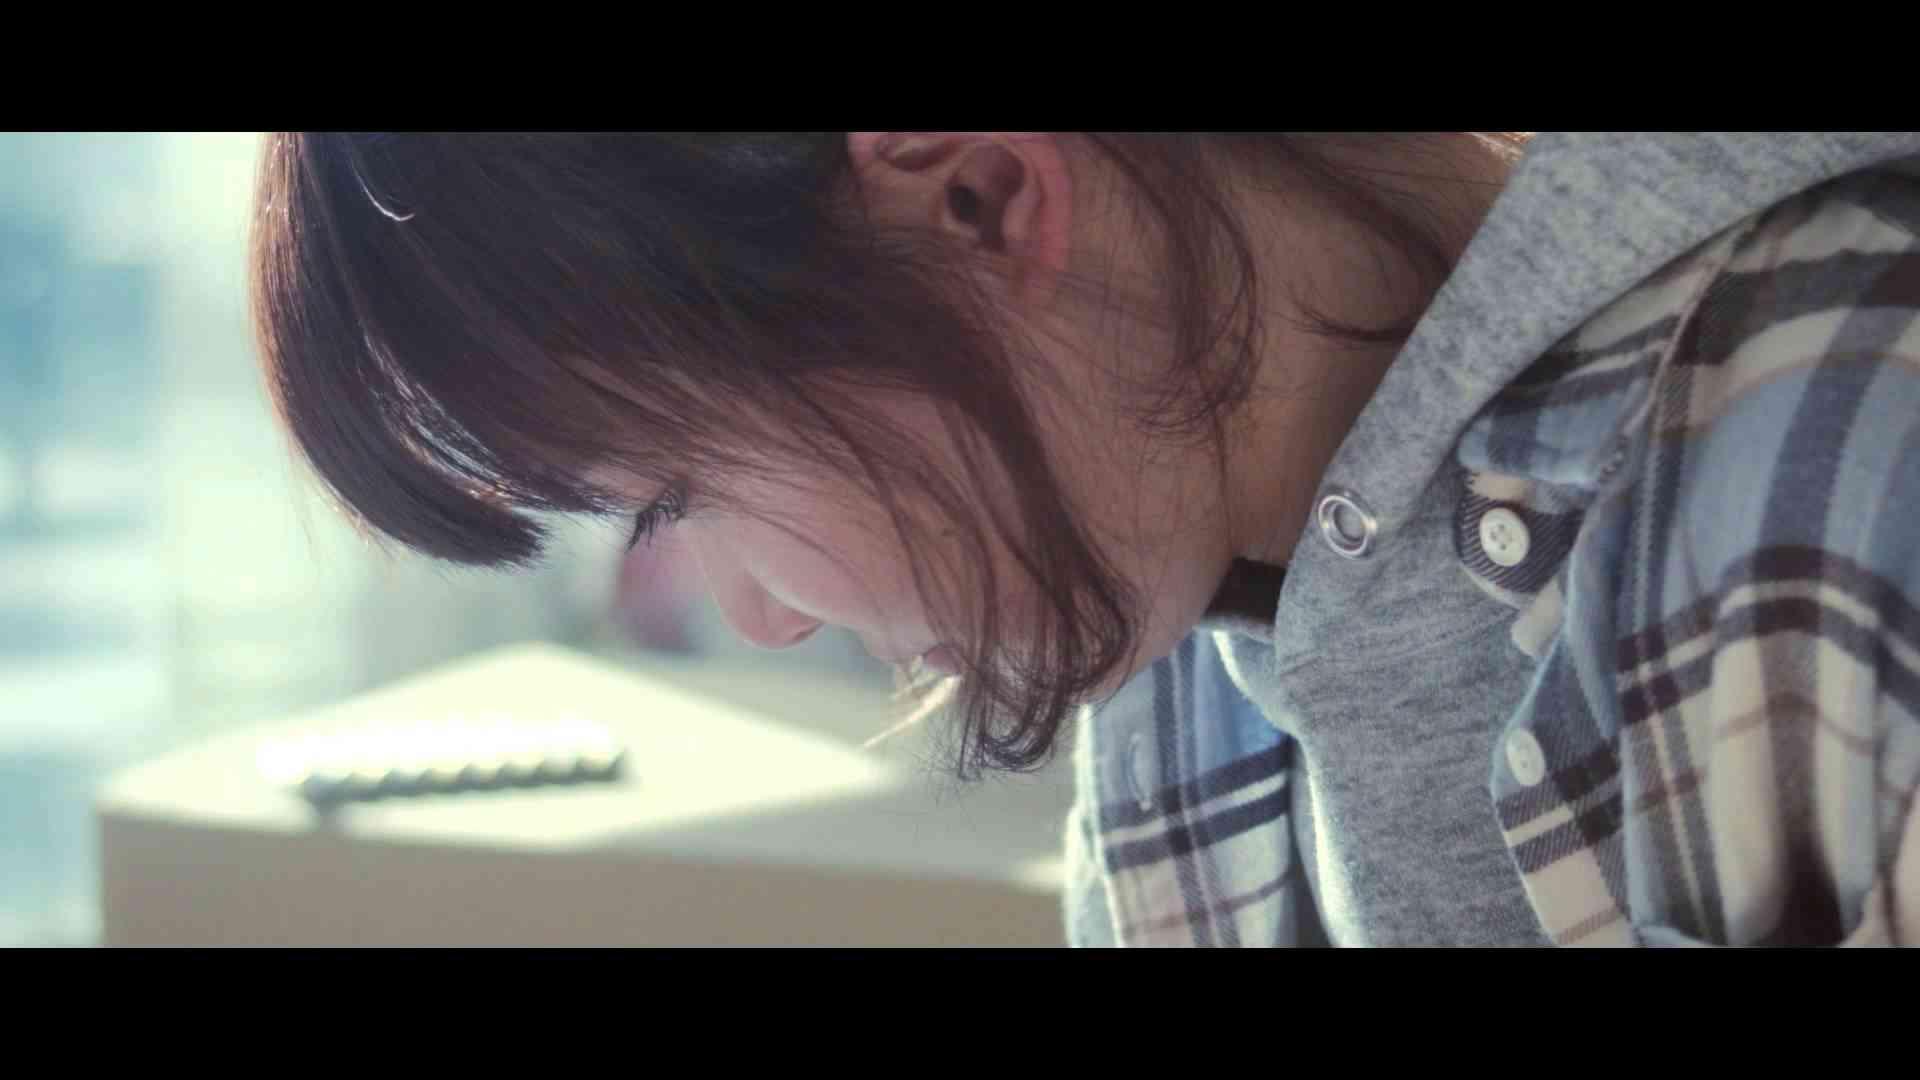 「春の歌」(ウカスカジーver.) MUSIC VIDEO short ver. - YouTube